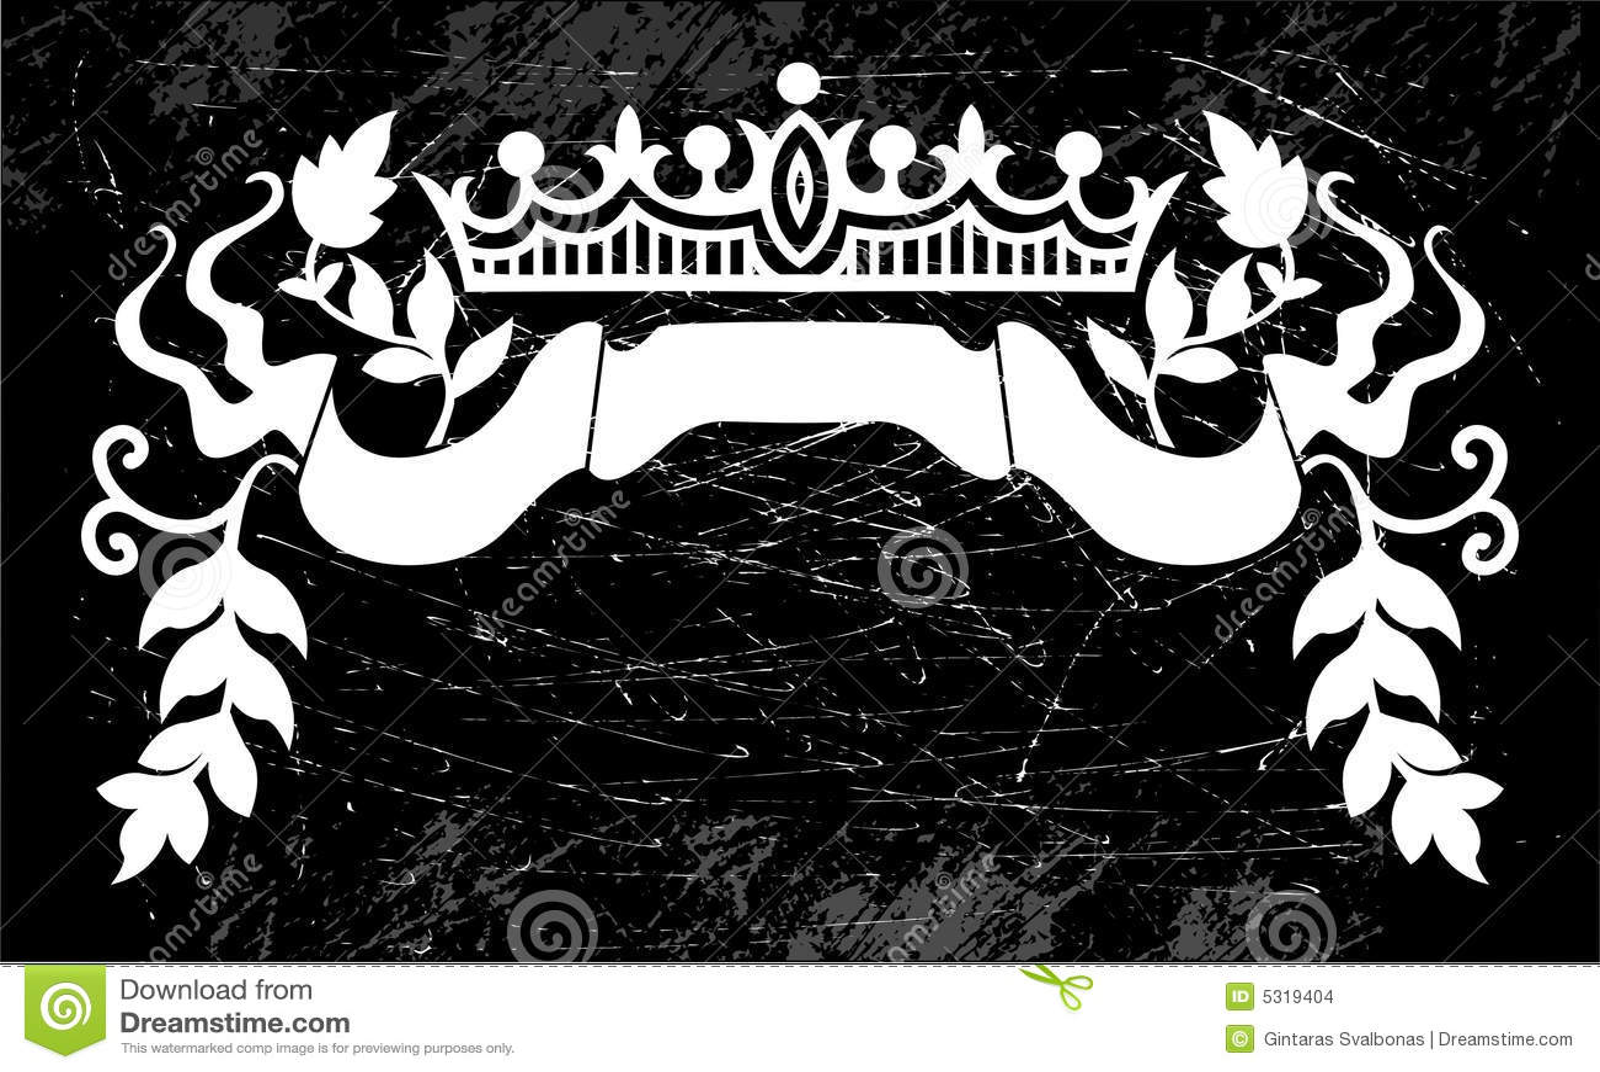 Download Contrassegno Grungy Della Parte Superiore Illustrazione Vettoriale - Illustrazione di copia, marchio: 5319404